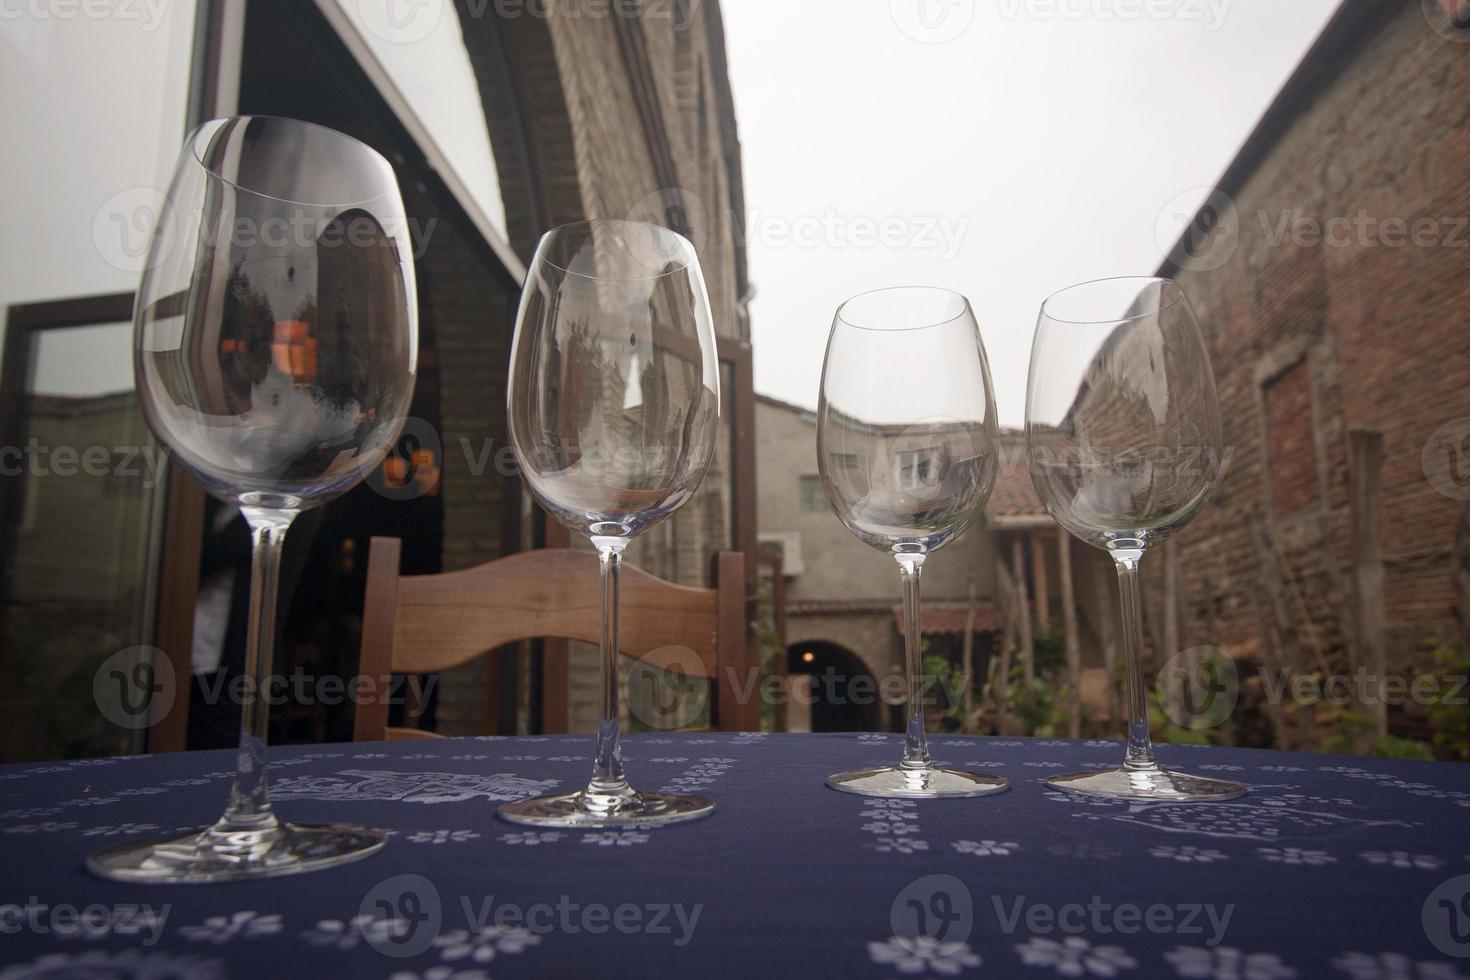 les verres à vin. photo